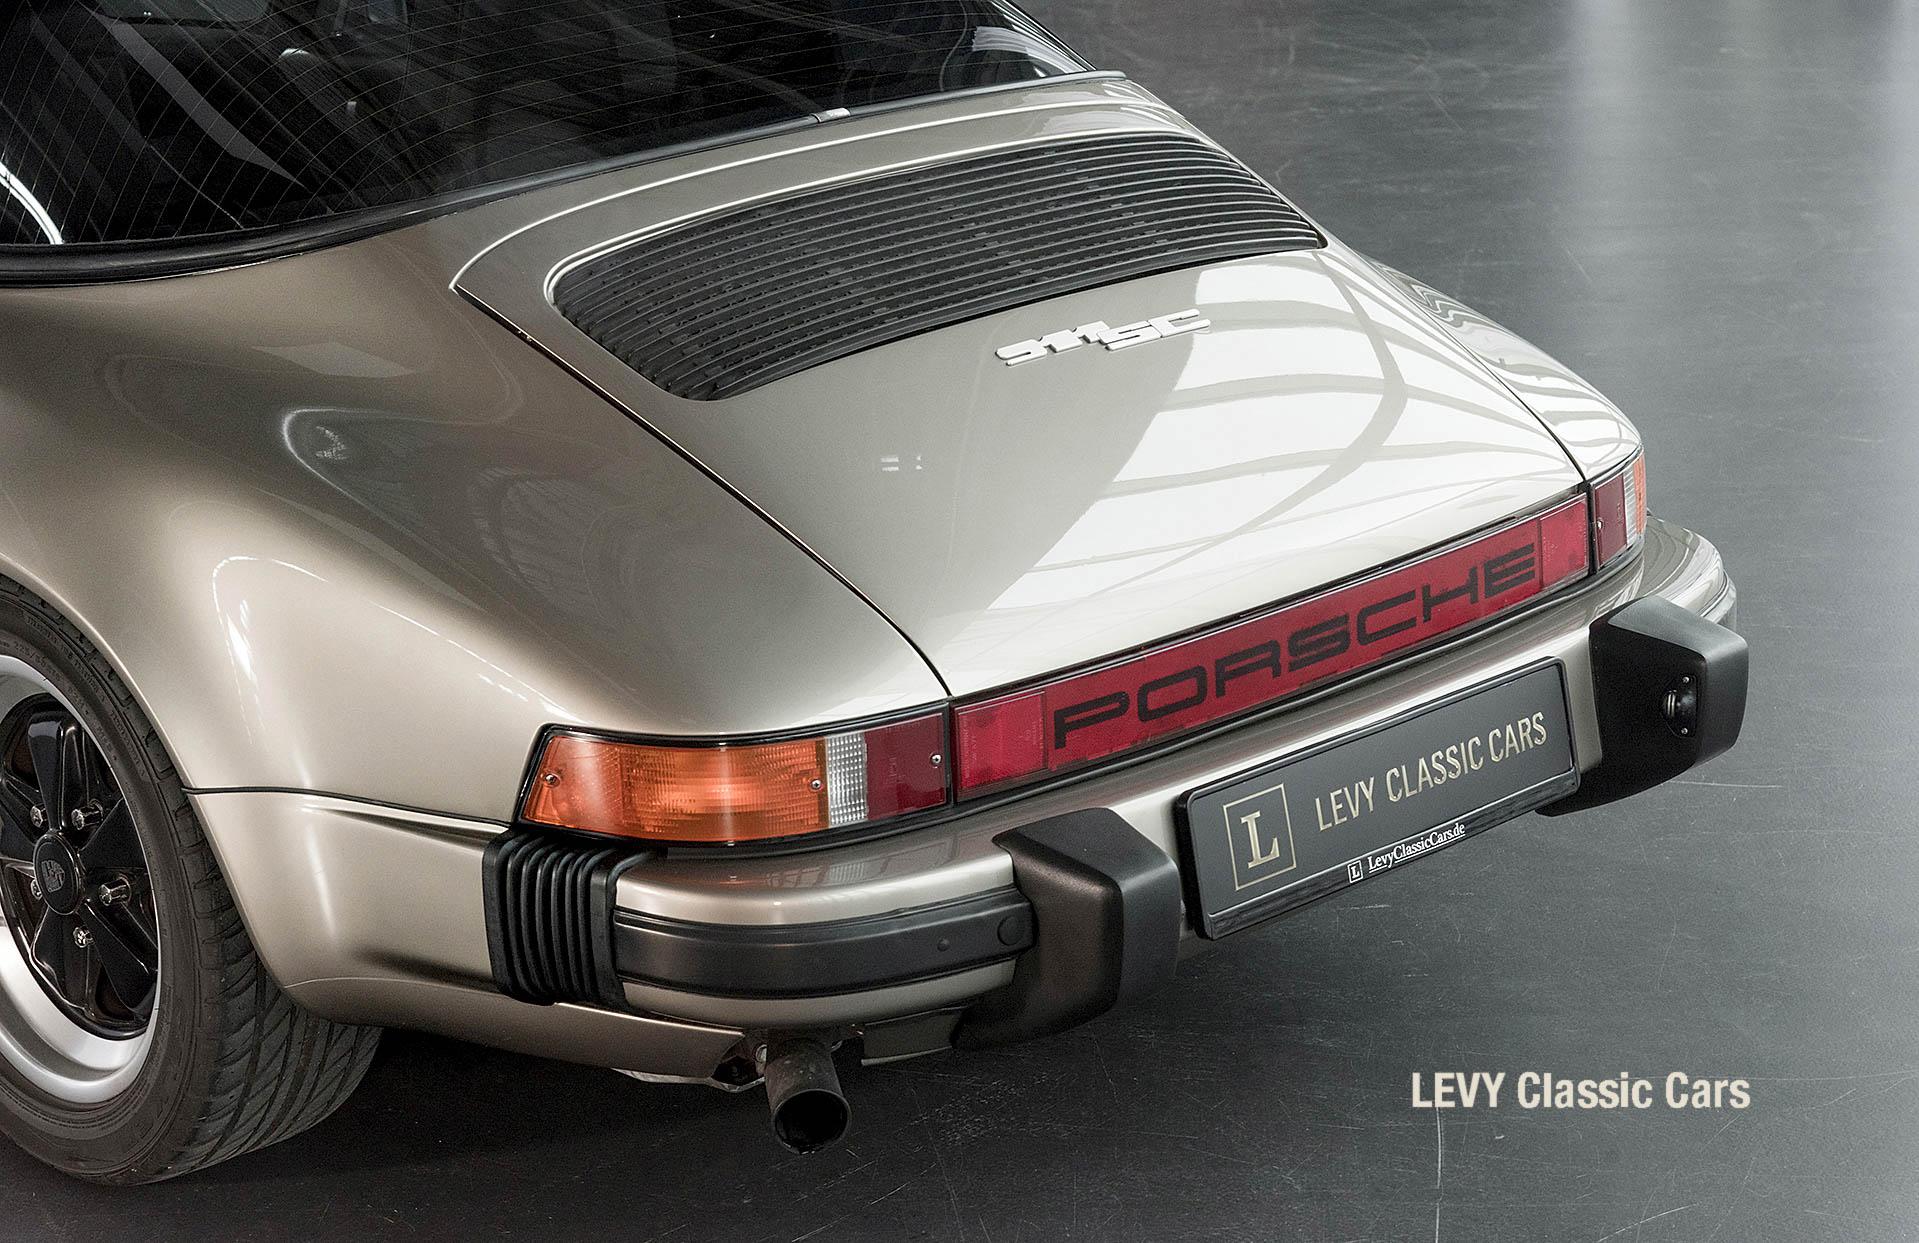 Porsche Targa 60847 Platin 54